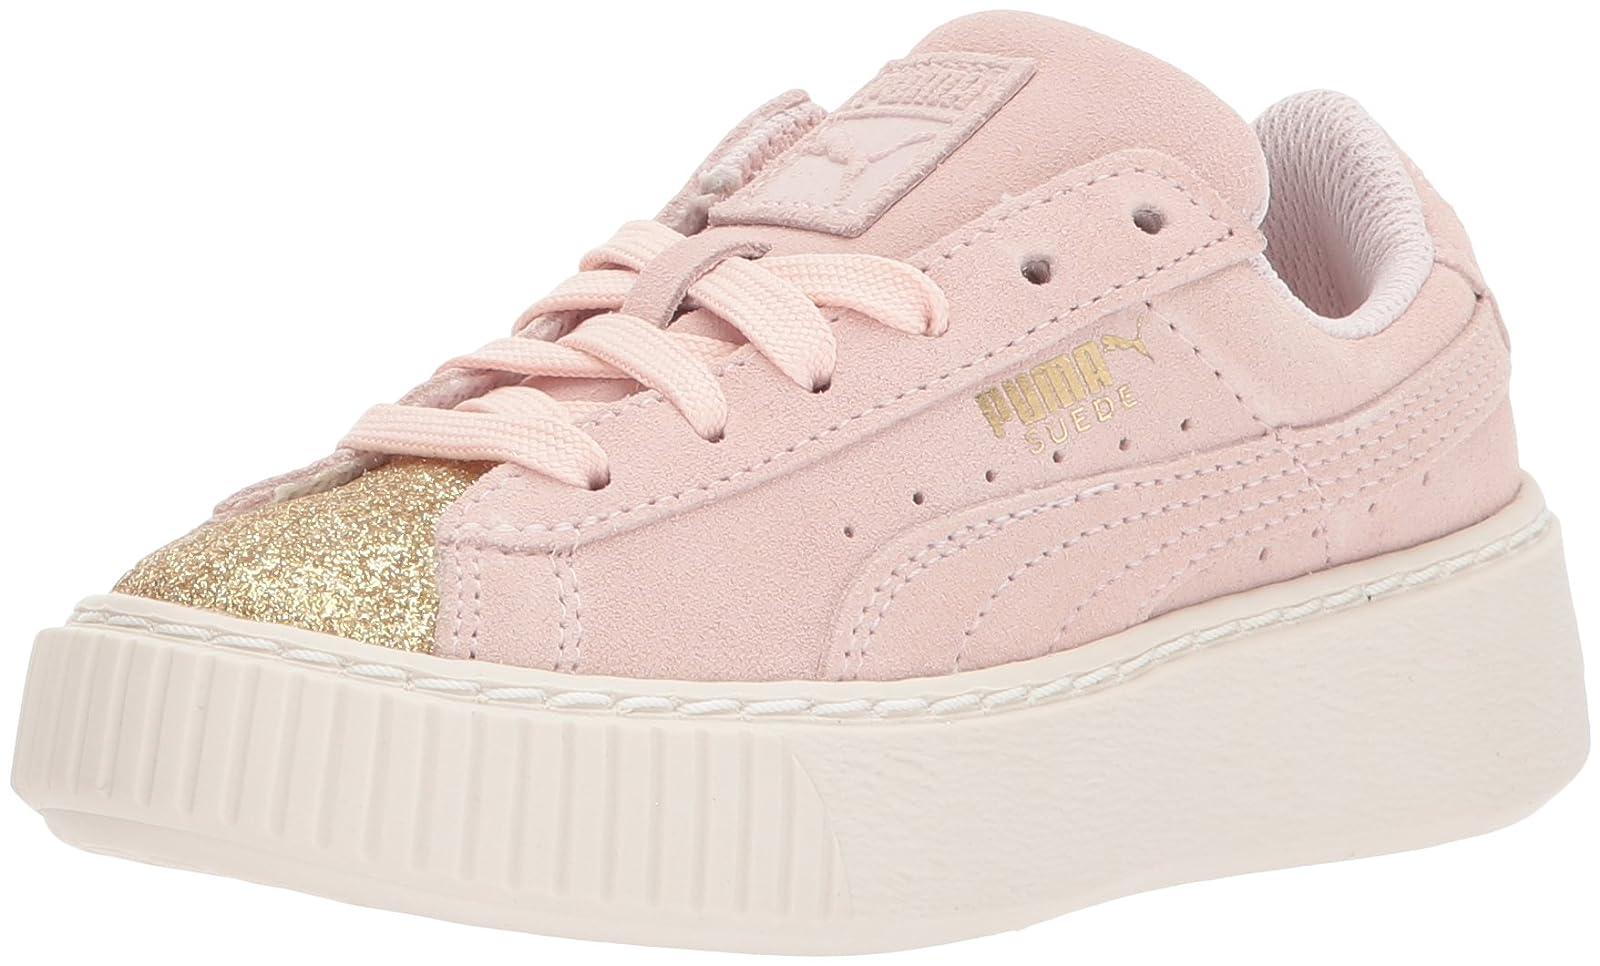 PUMA Kids' Suede Platform Glam Sneaker Pink 36492207 - 1